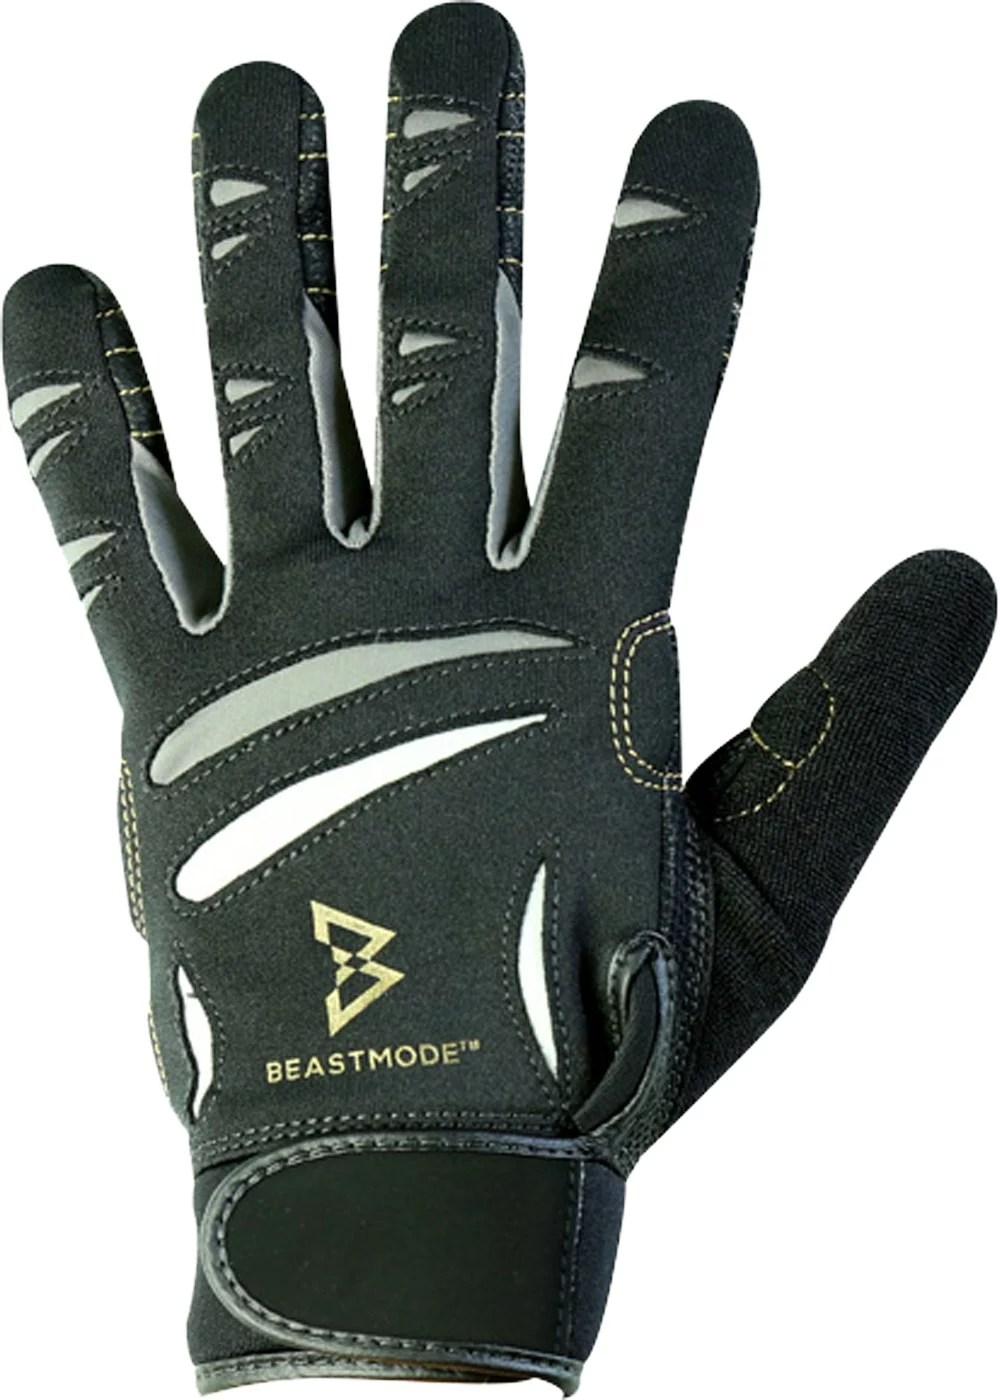 Bionic Women S Beastmode Full Finger Fitness Gloves Dick S Sporting Goods